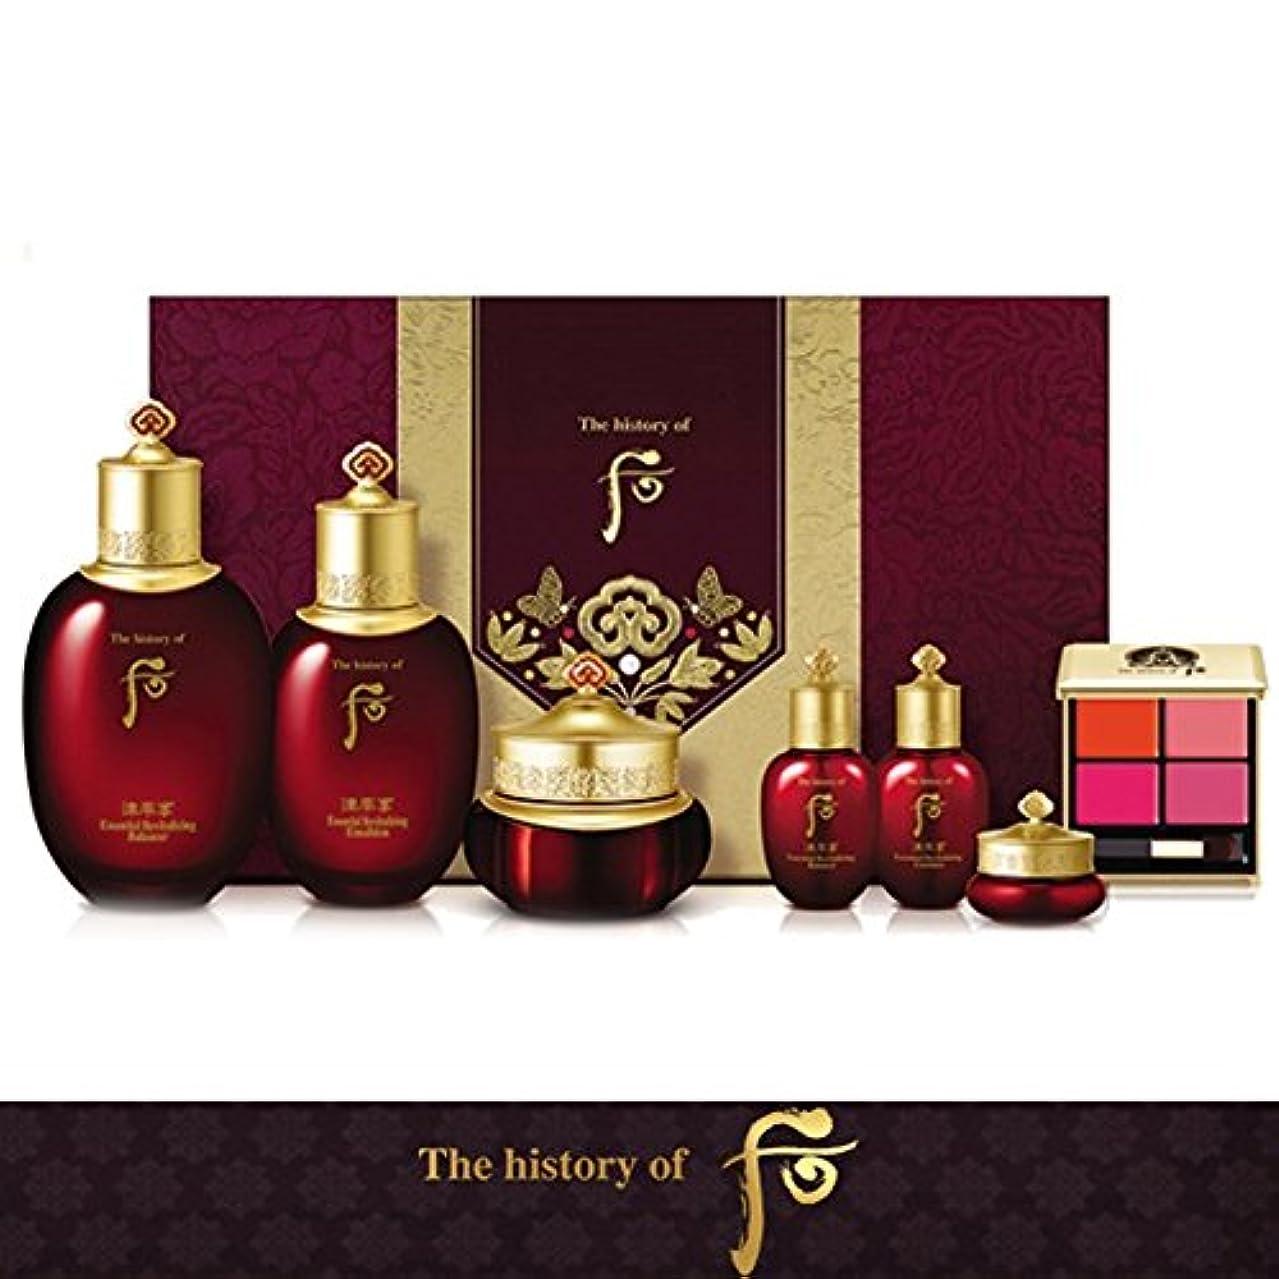 略すエンティティ提案する【フー/The history of whoo] Whoo后(フー) 津率享(ジンユルヒャン) 3種セット/JINYUL SET+[Sample Gift](海外直送品)